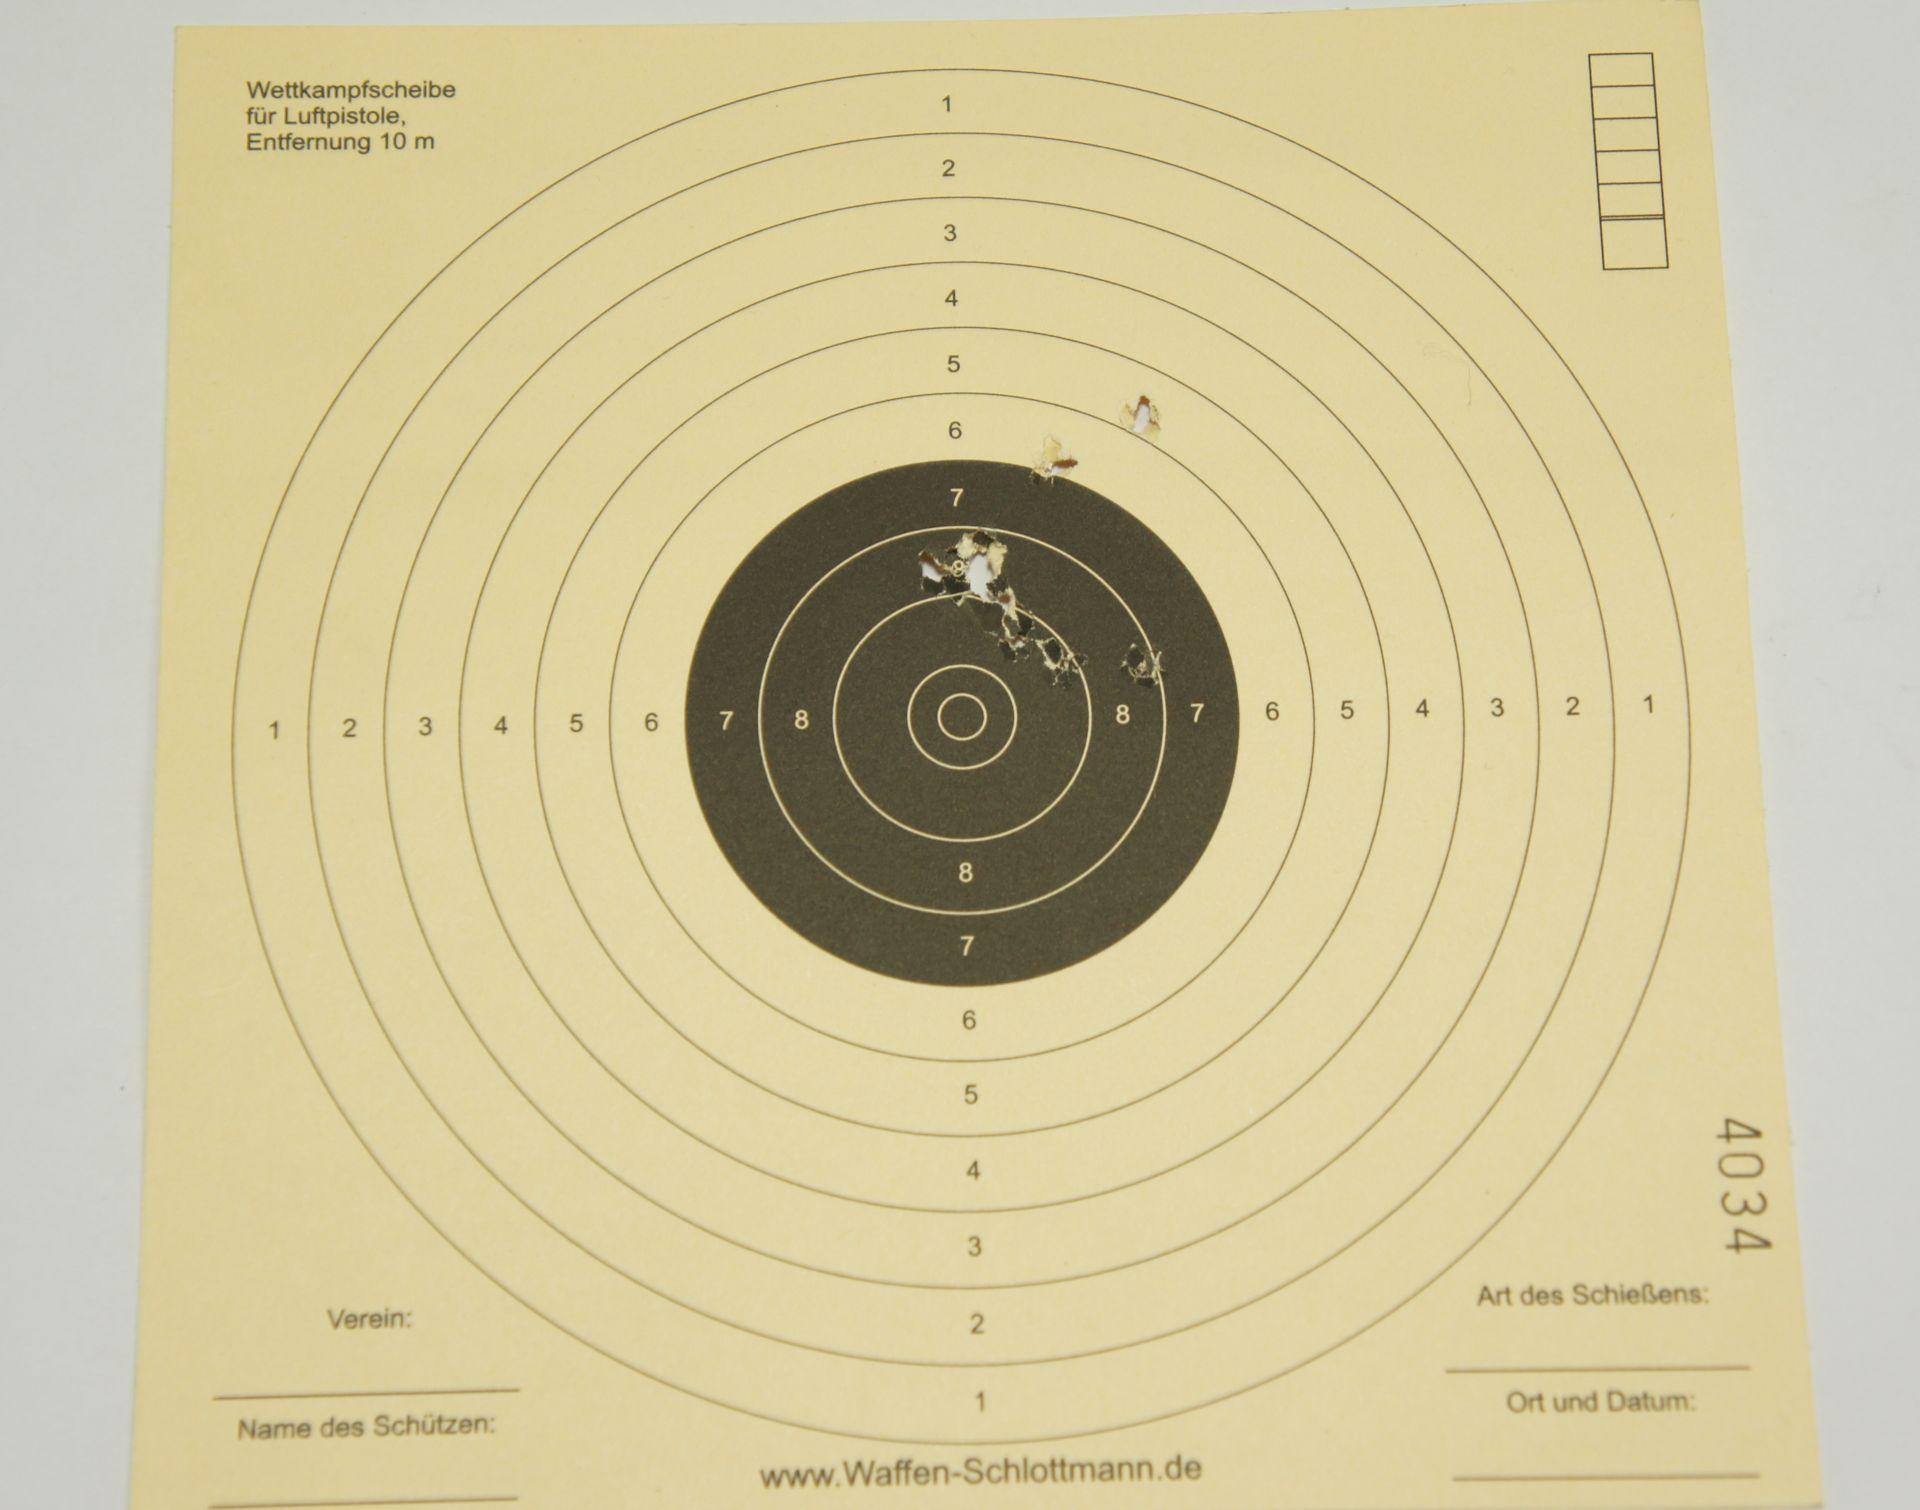 noch ein Trefferbild auf 10m mit 10 Schuß <a href=1172019.htm>H&N Baracuda Match</a> vom gleichen Tag.